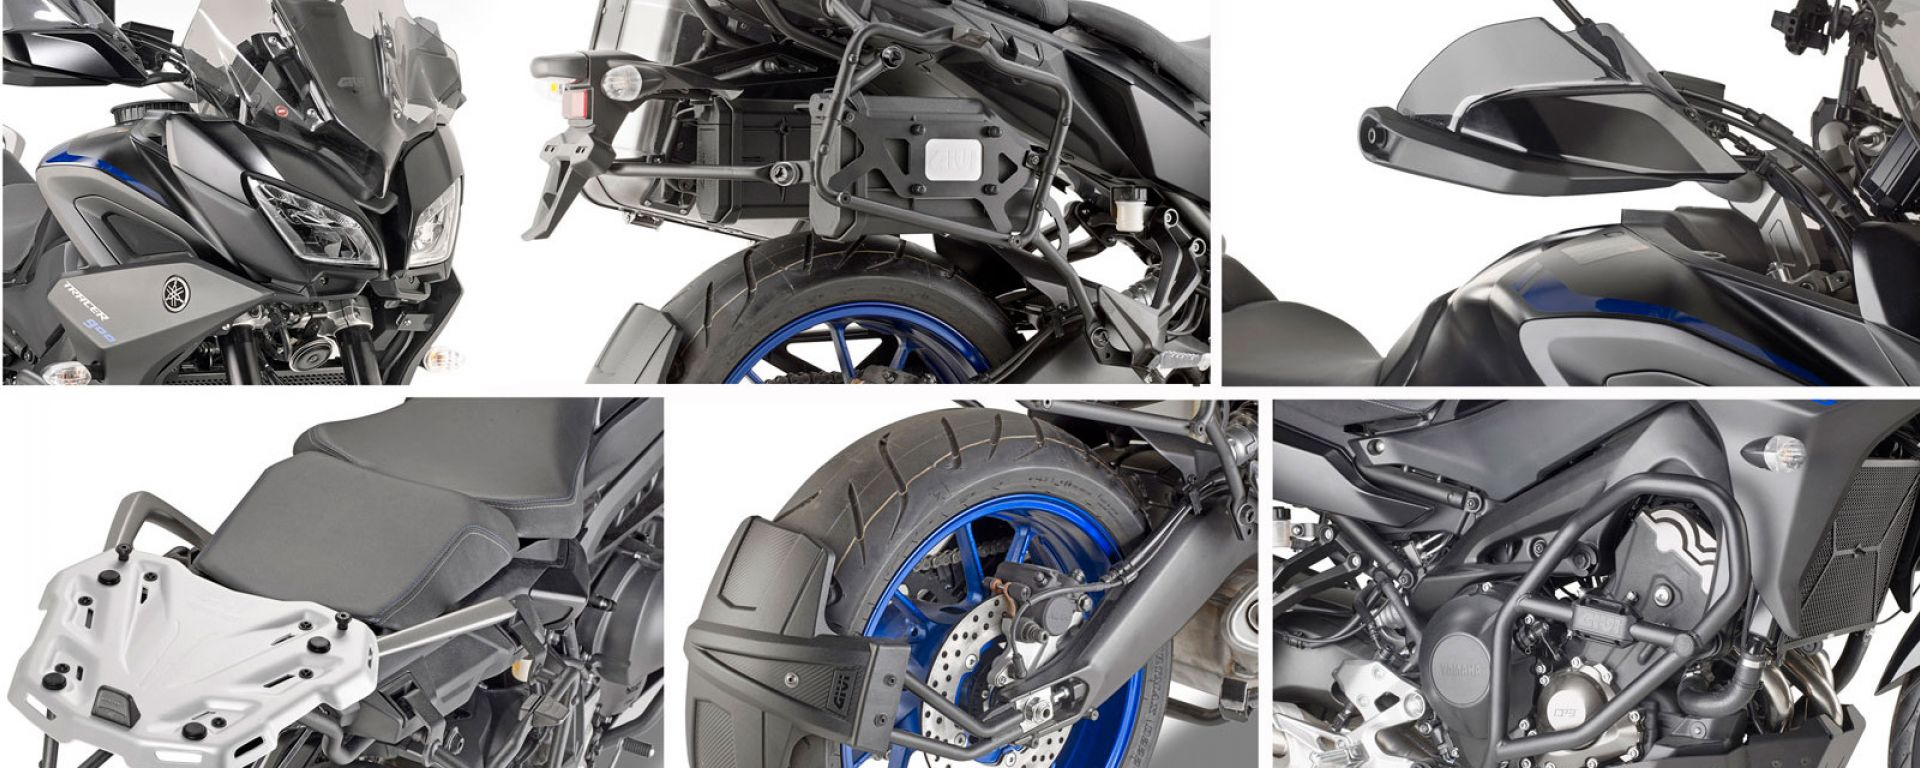 Givi: kit di accessori per Yamaha Tracer 900